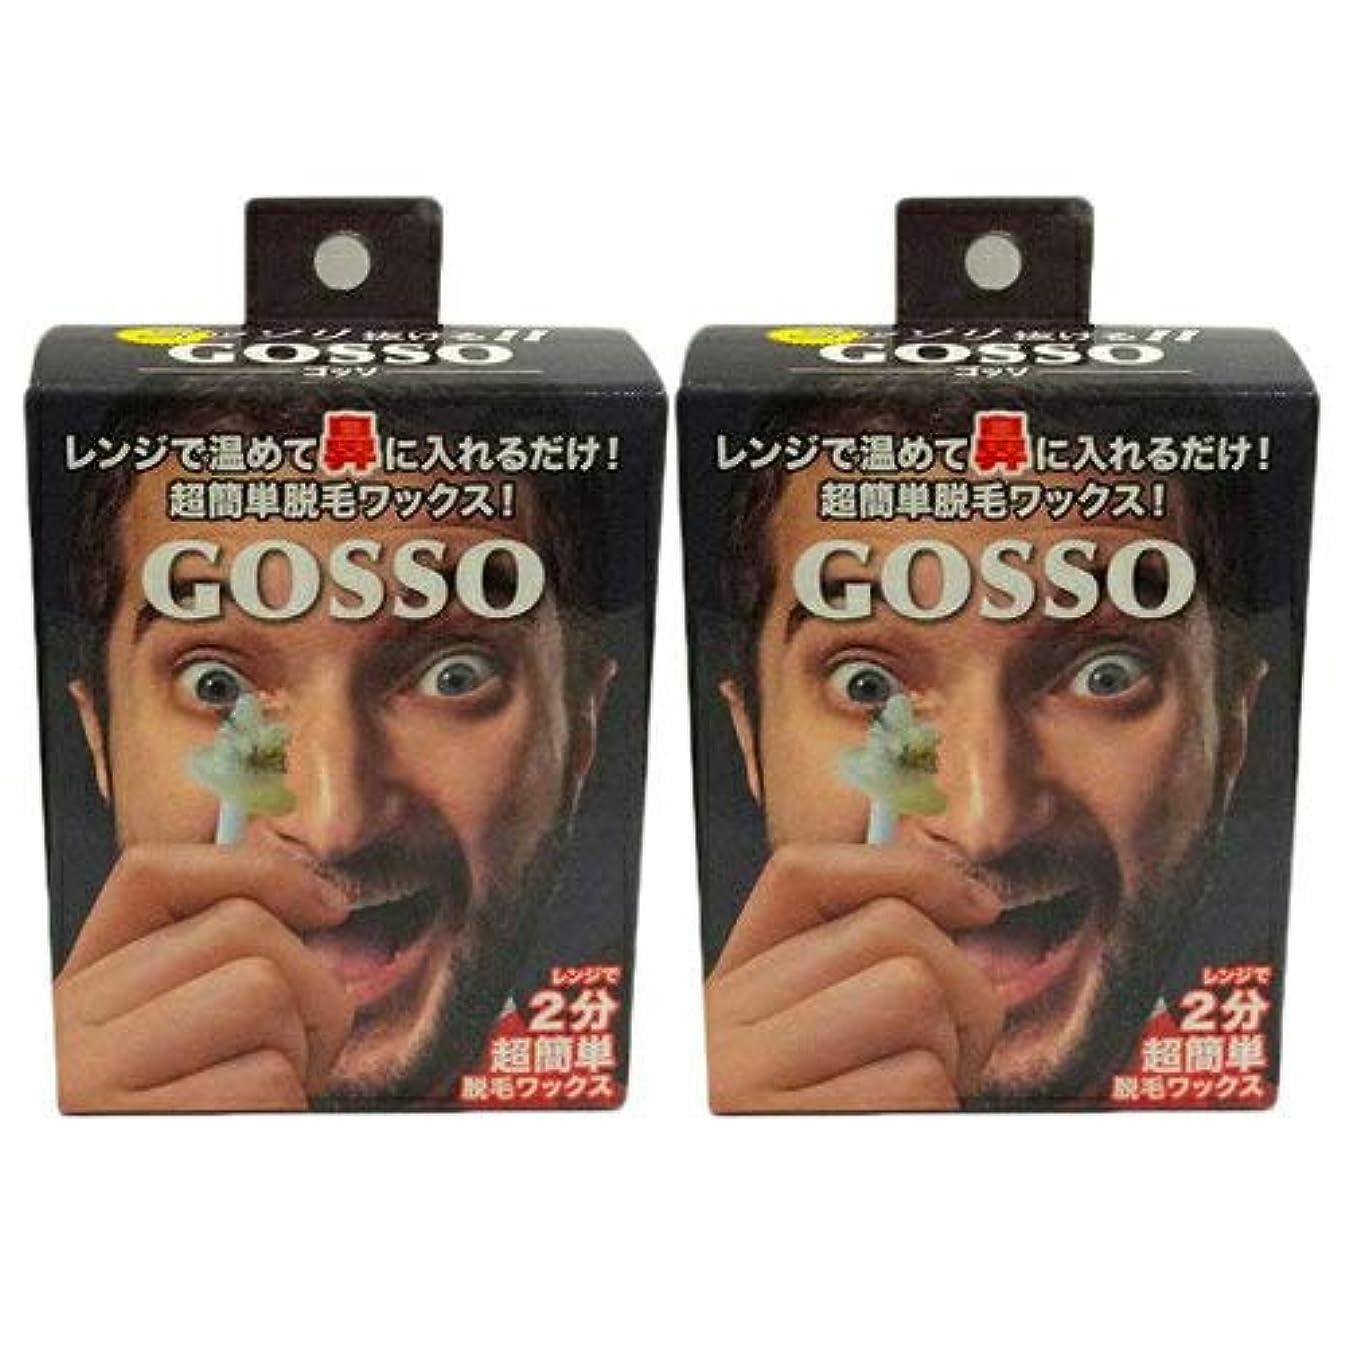 なんでも追放するおっとGOSSO  2箱セット